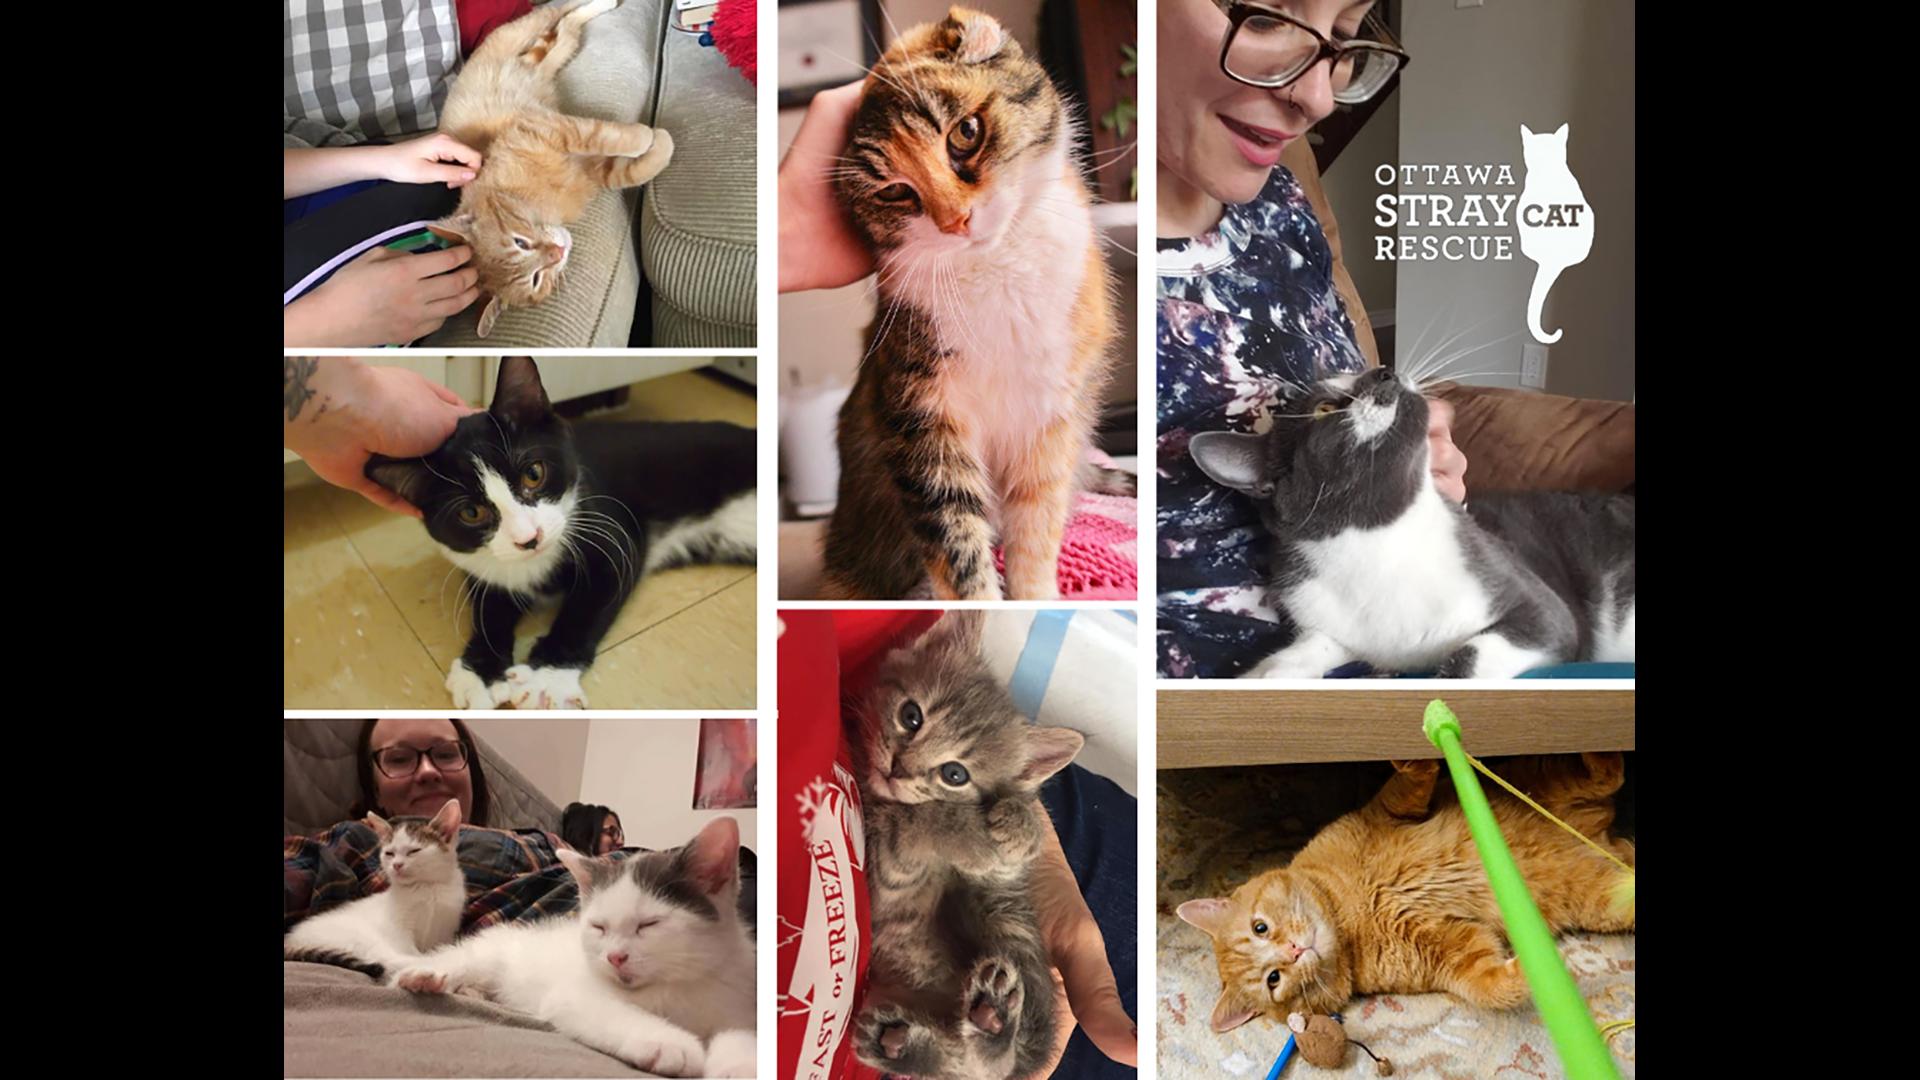 partnership with Ottawa Stray Cat Rescue